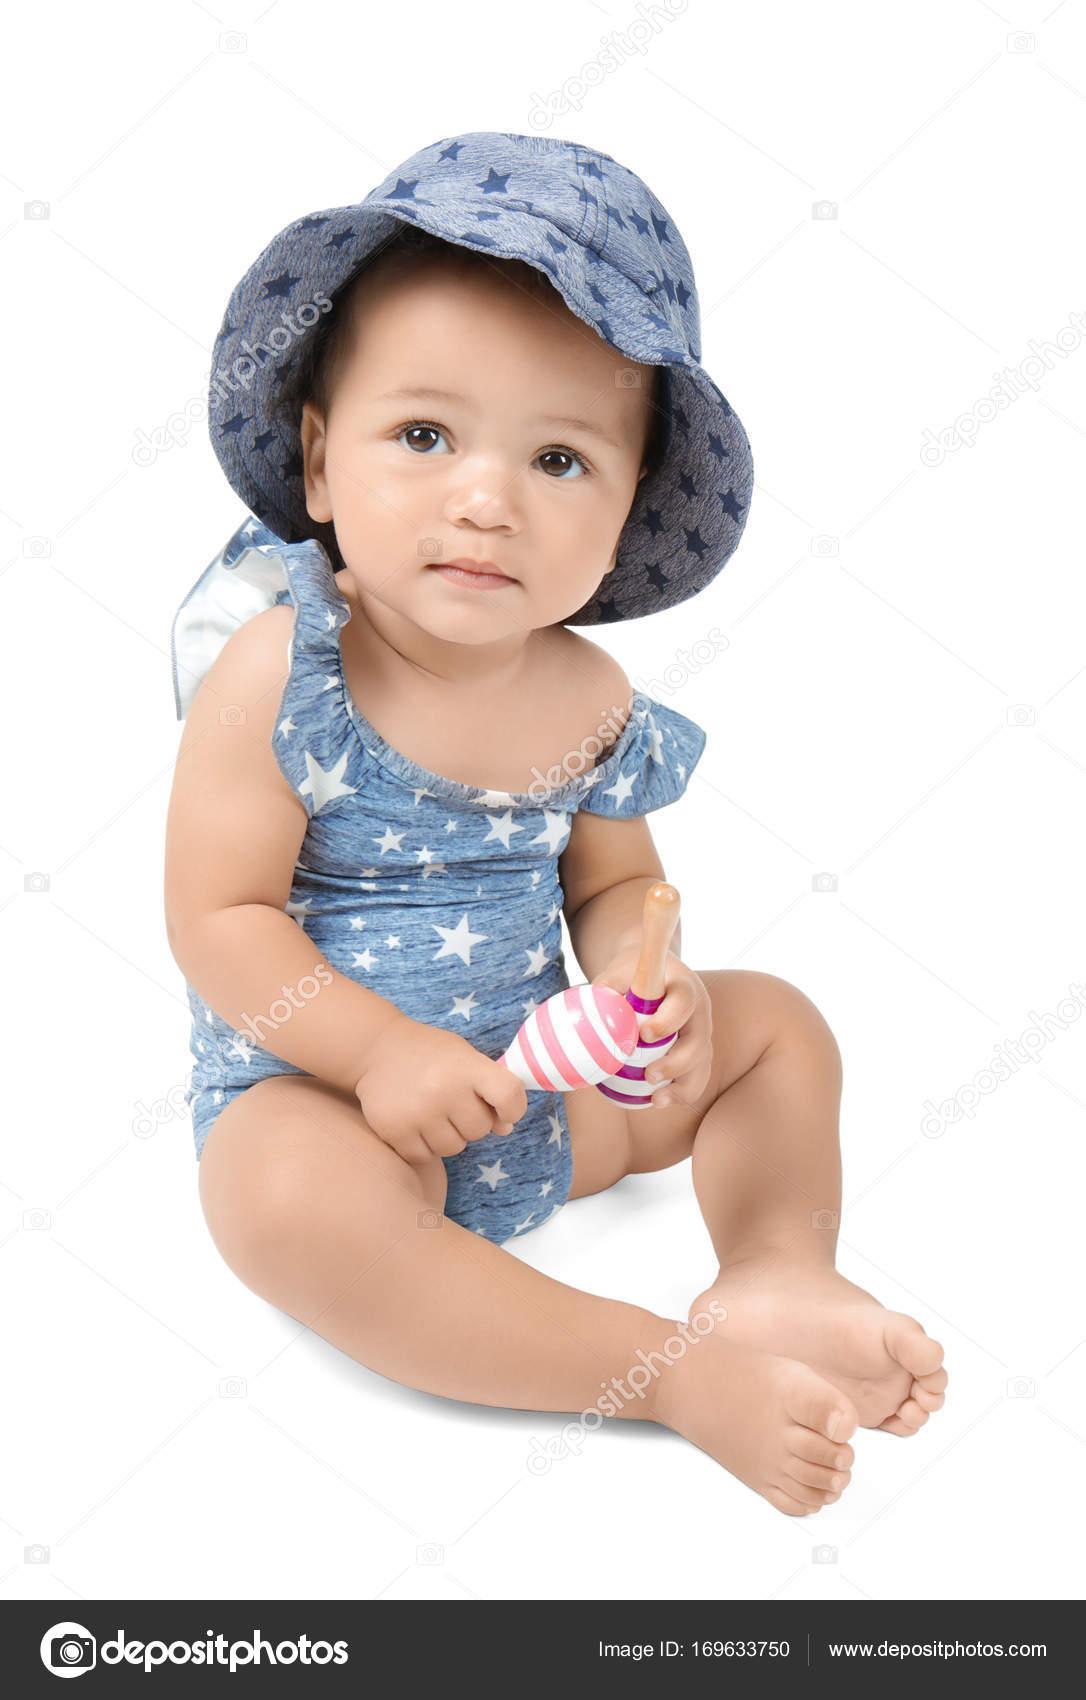 Piccolo bambino sveglio in costume da bagno e cappello ce0bfde44dcd